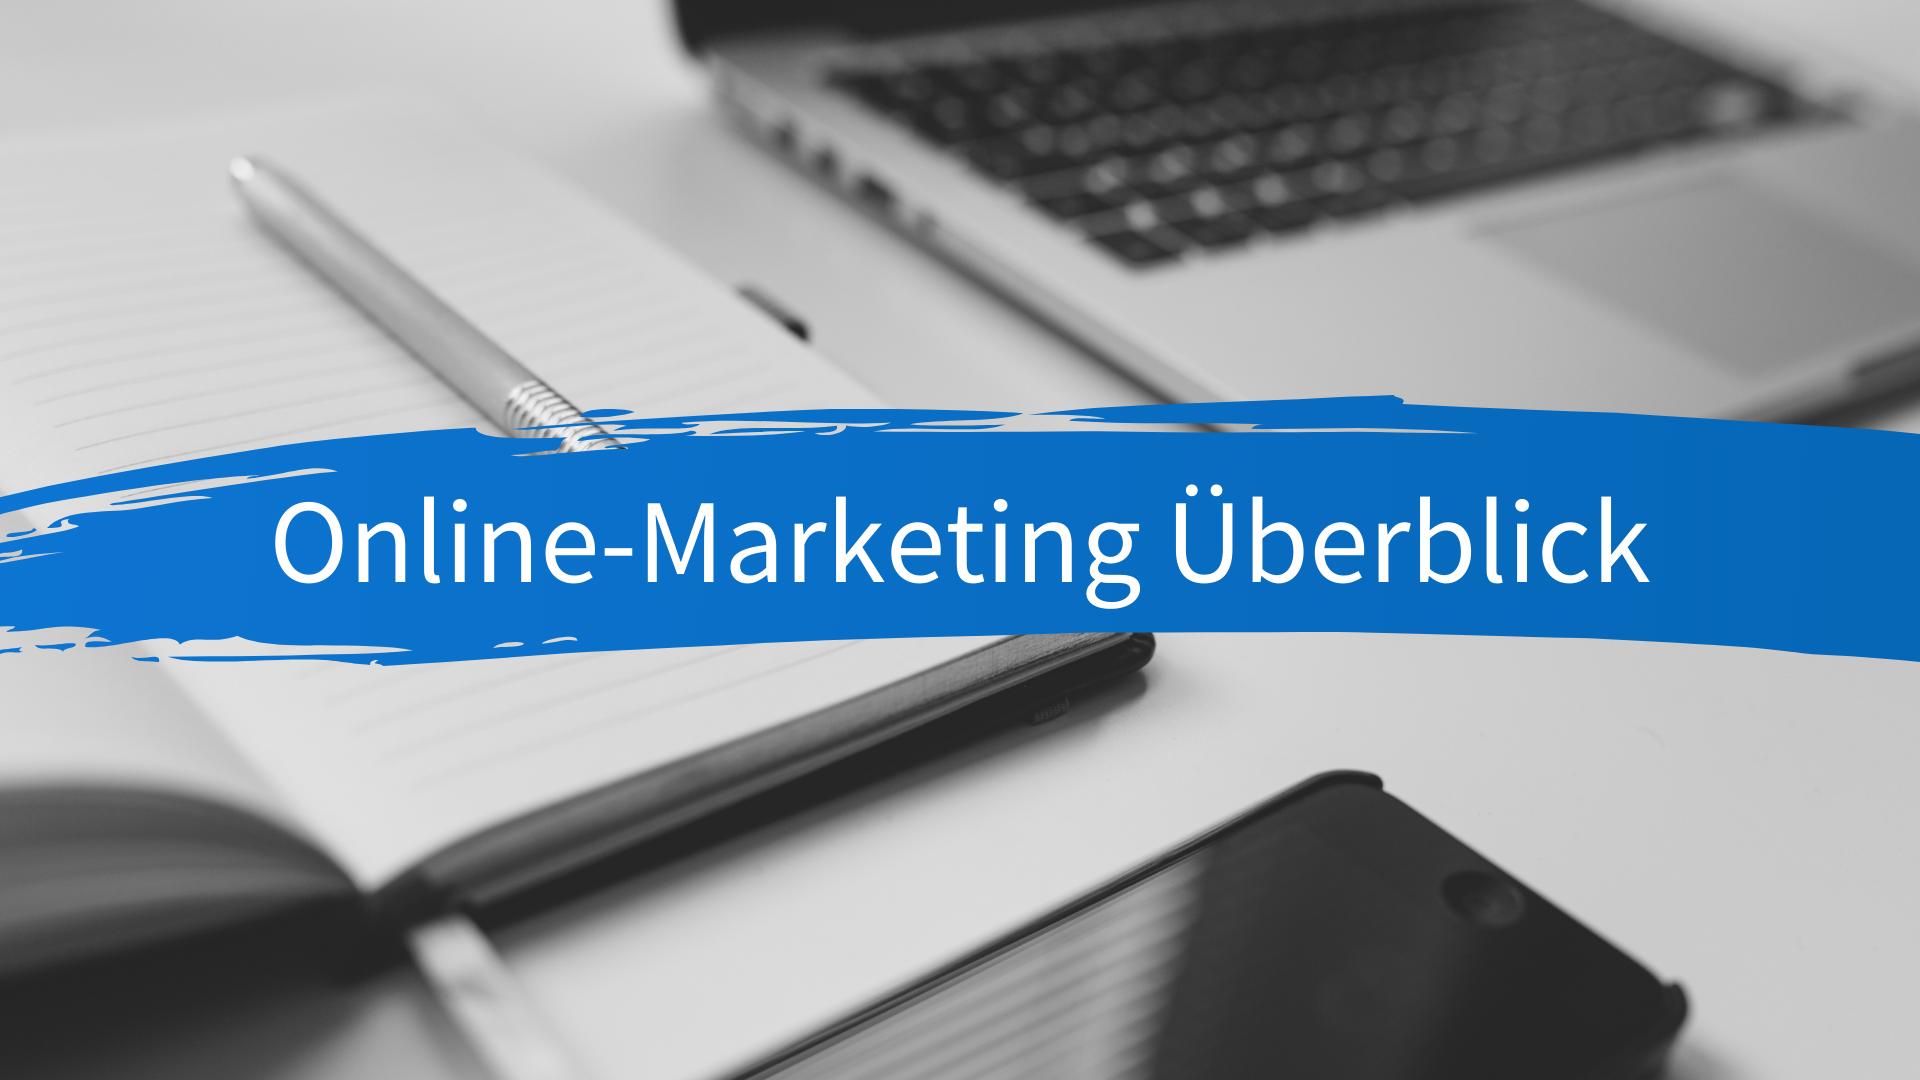 Online-Marketing Überblick